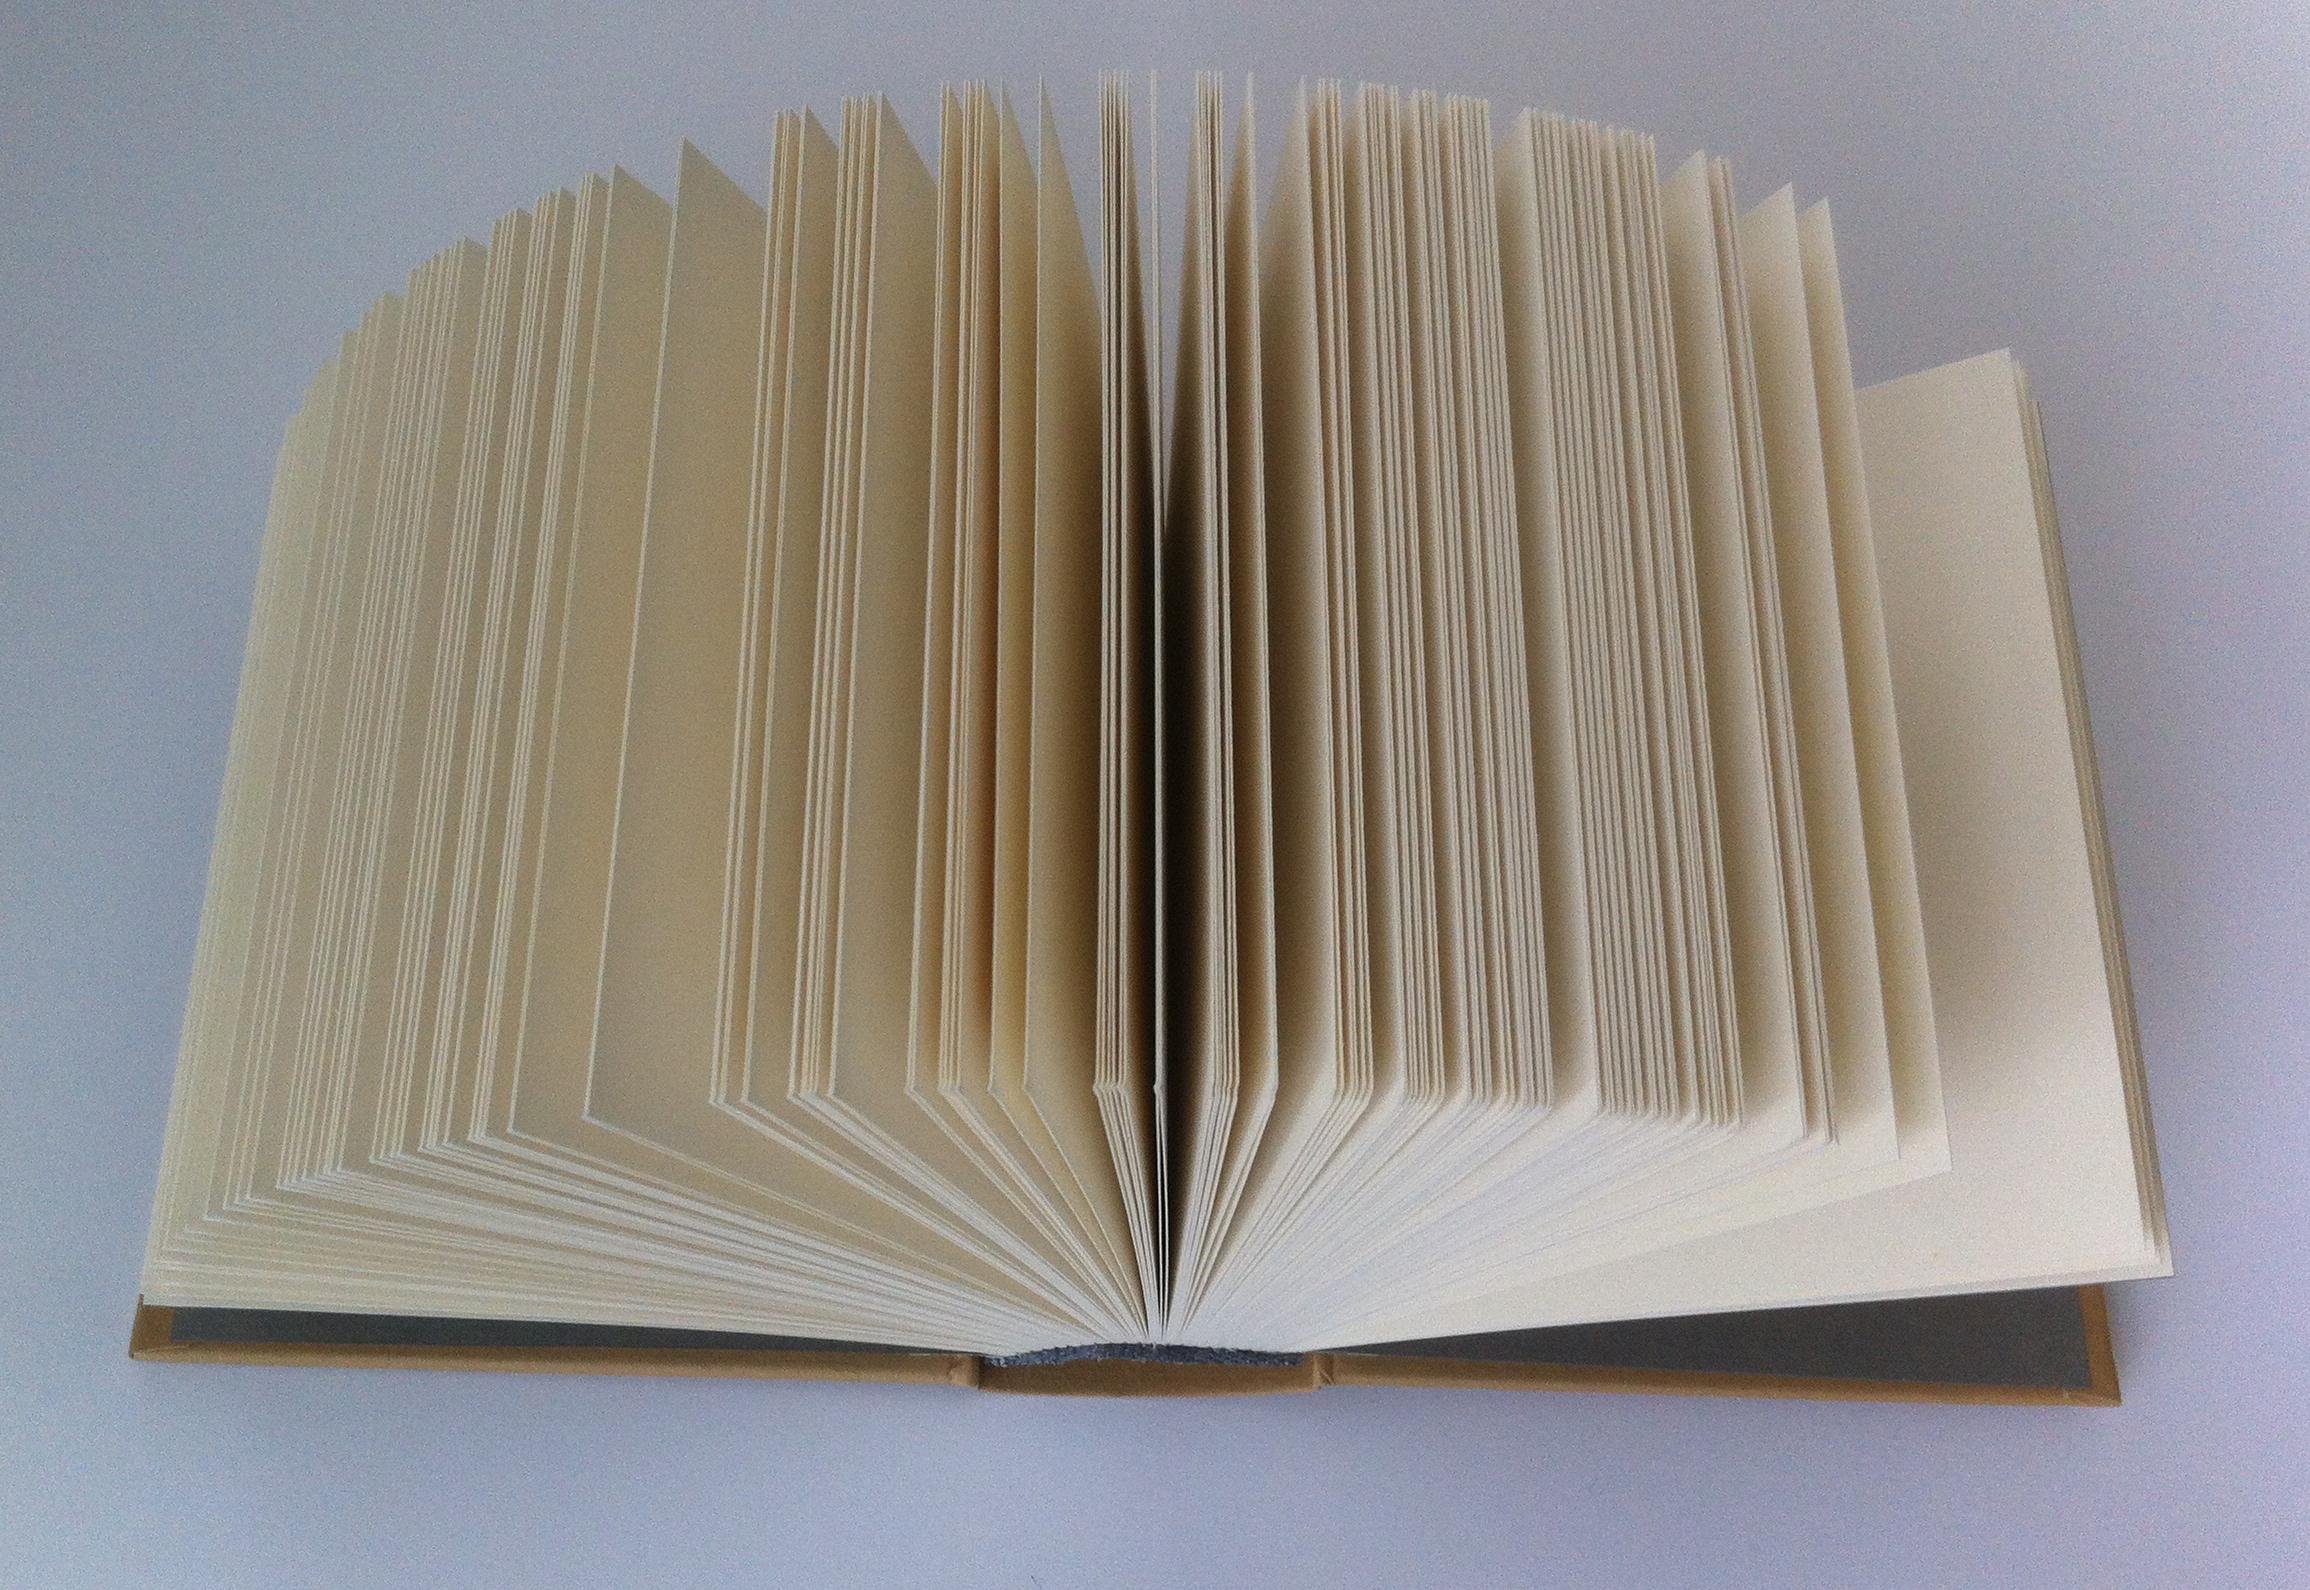 Book: erwin wurm. von konfektionsgröße 50 zu 54 in acht tagen, 2006